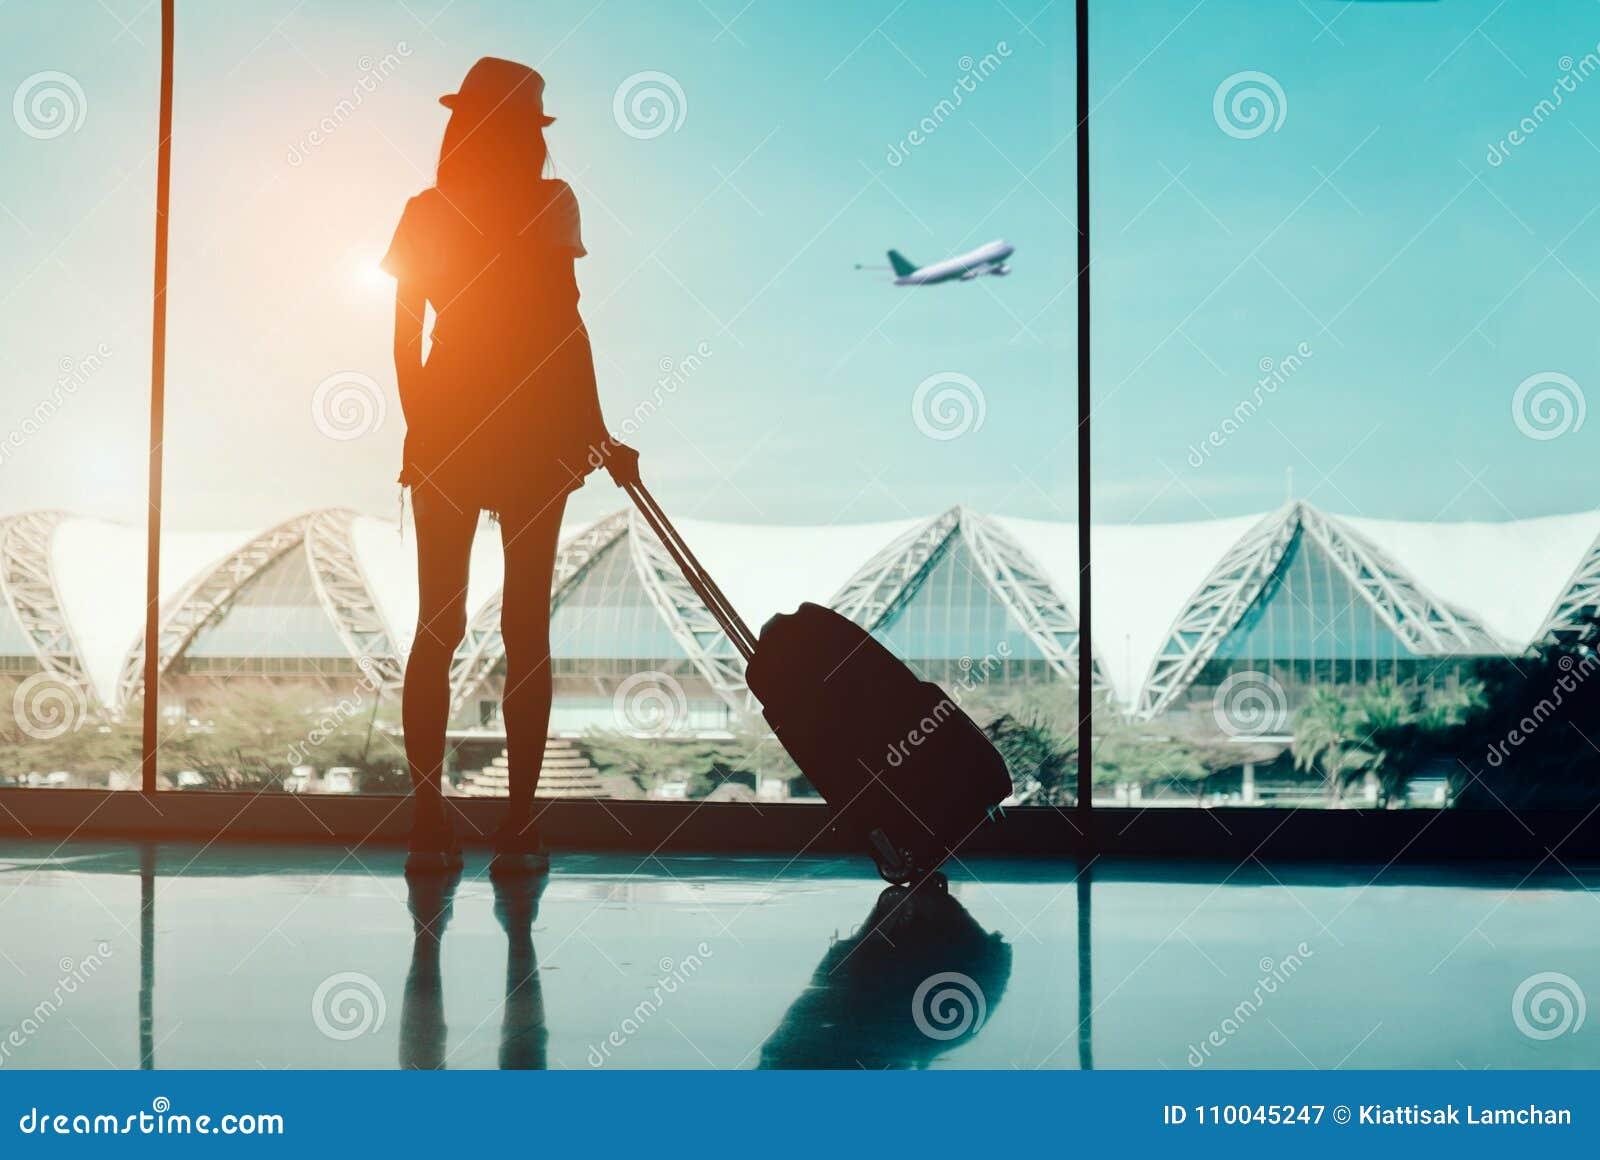 Viaje de la mujer de la silueta con el equipaje que mira sin la ventana el international del terminal de aeropuerto o el adolesce